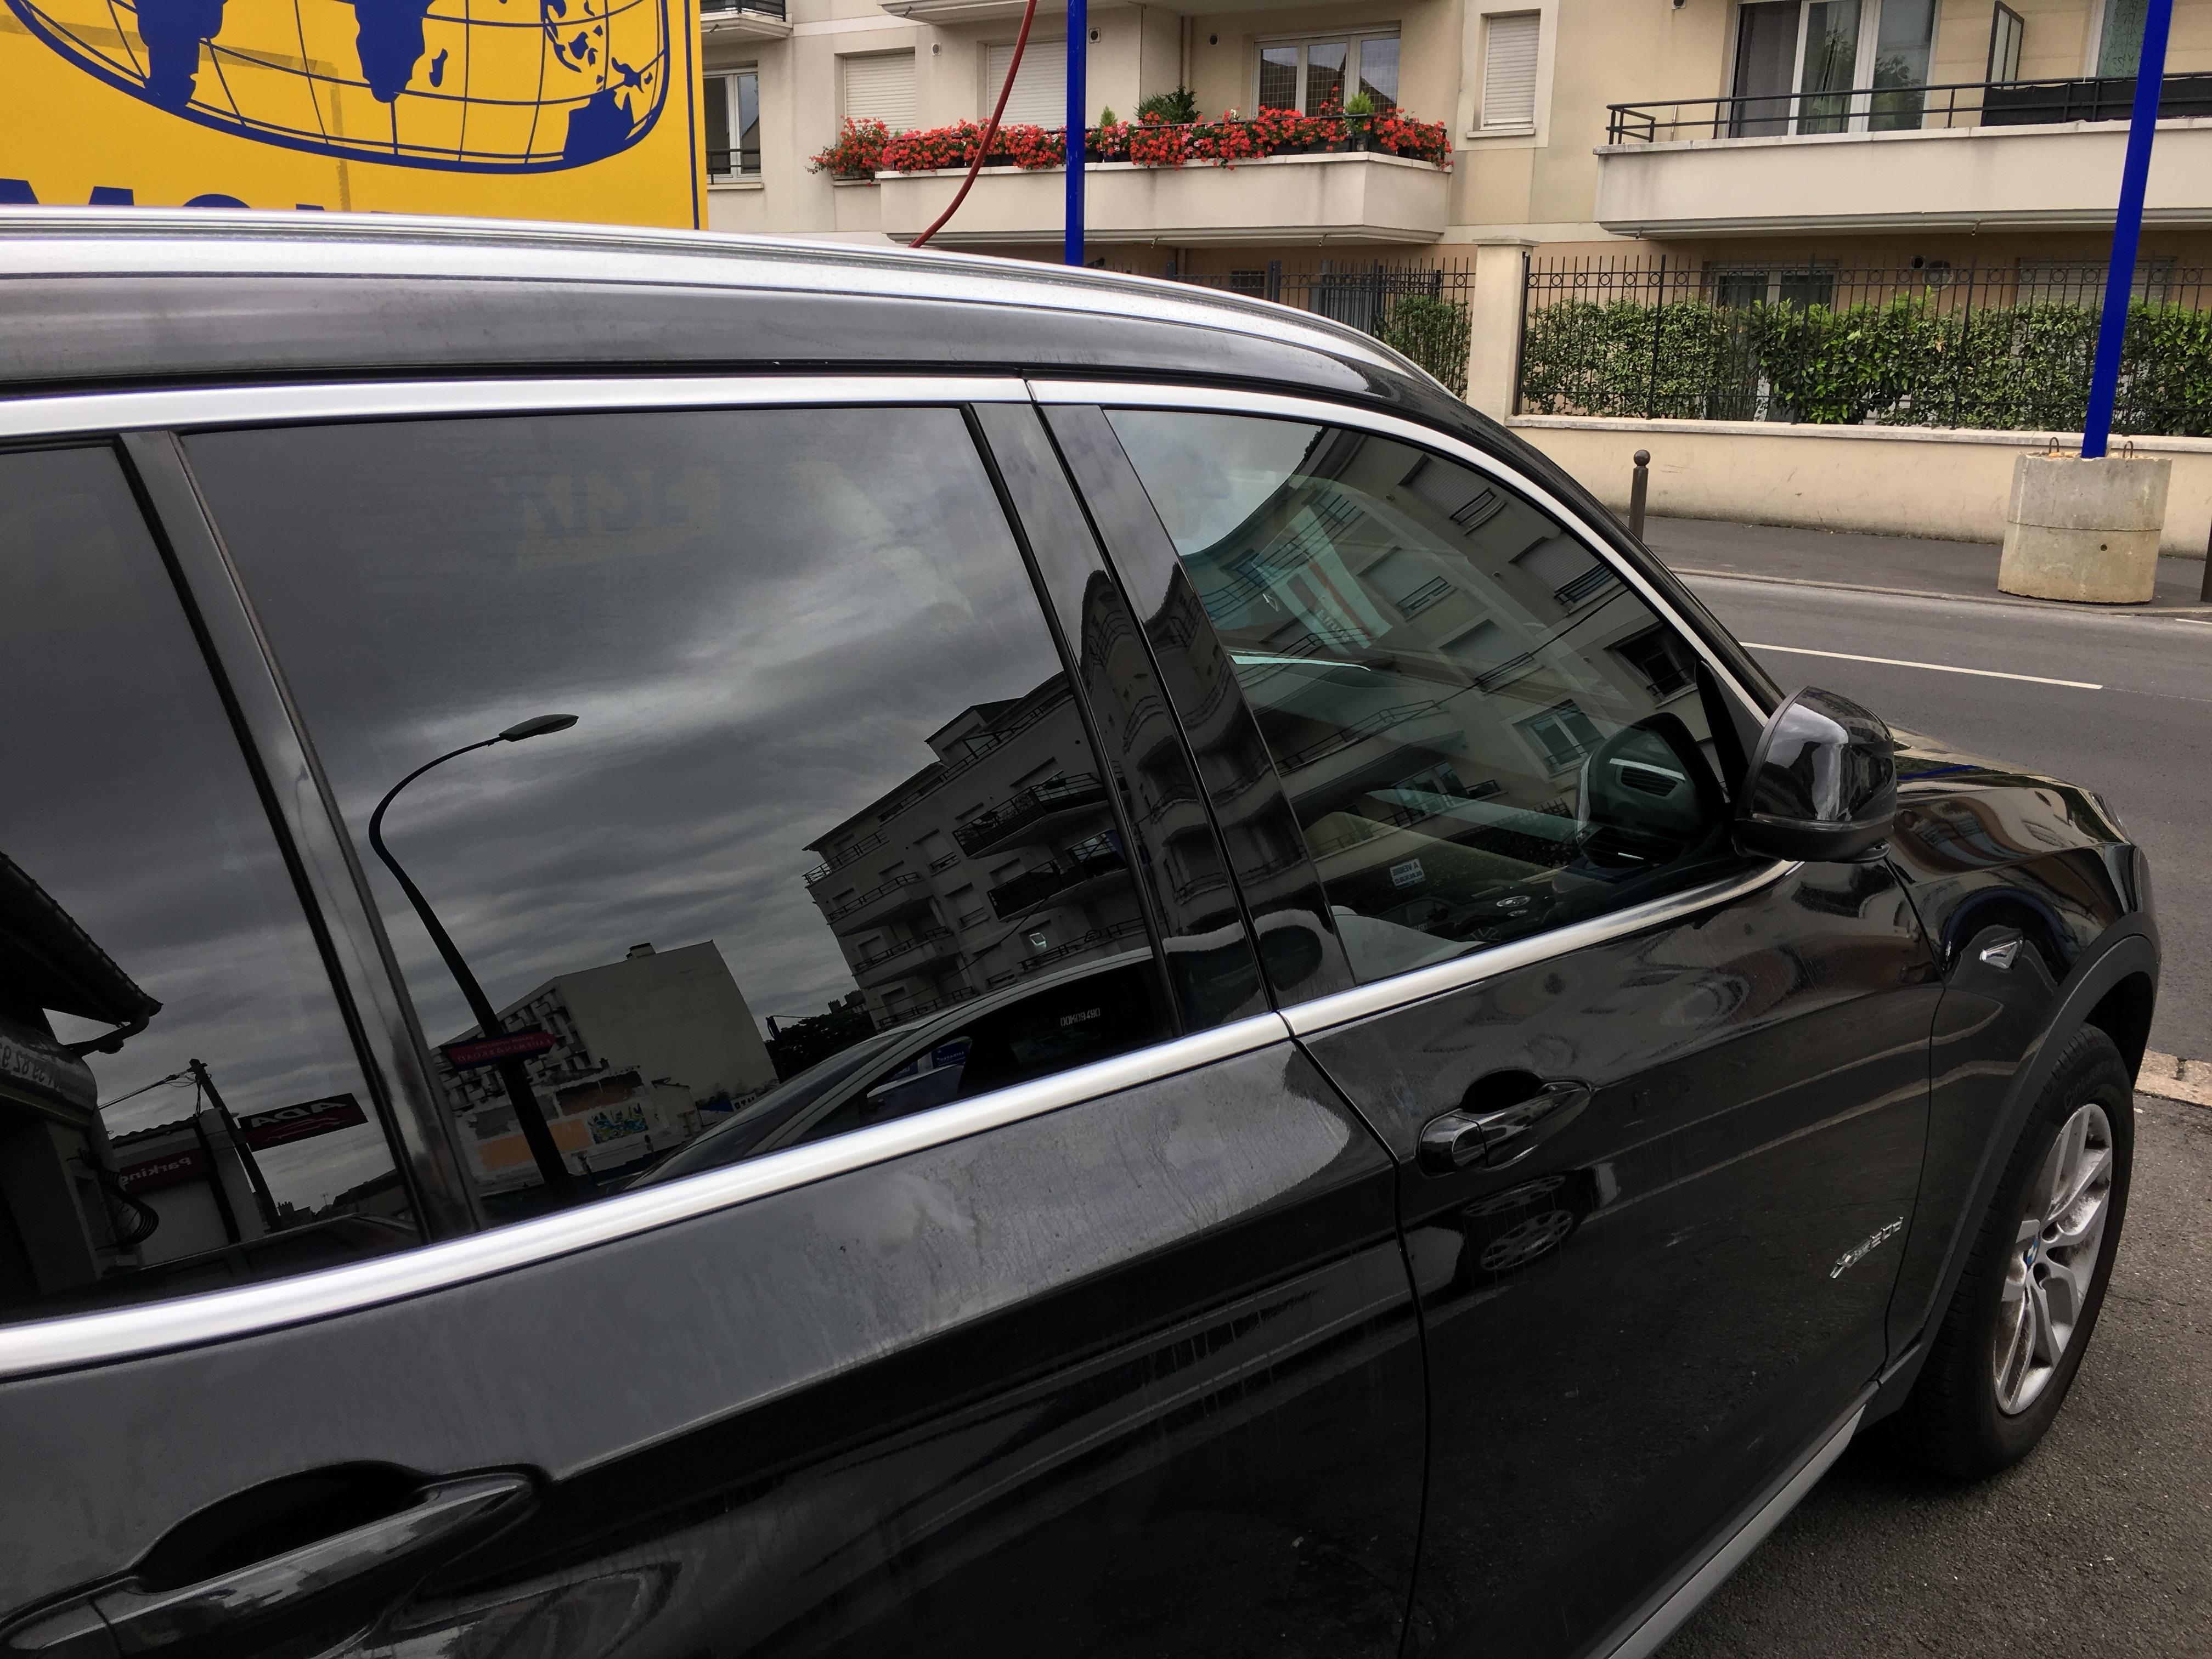 img 0157 vitre teint e automobile pose vitres teint es pour voiture autofilms sp cialise. Black Bedroom Furniture Sets. Home Design Ideas